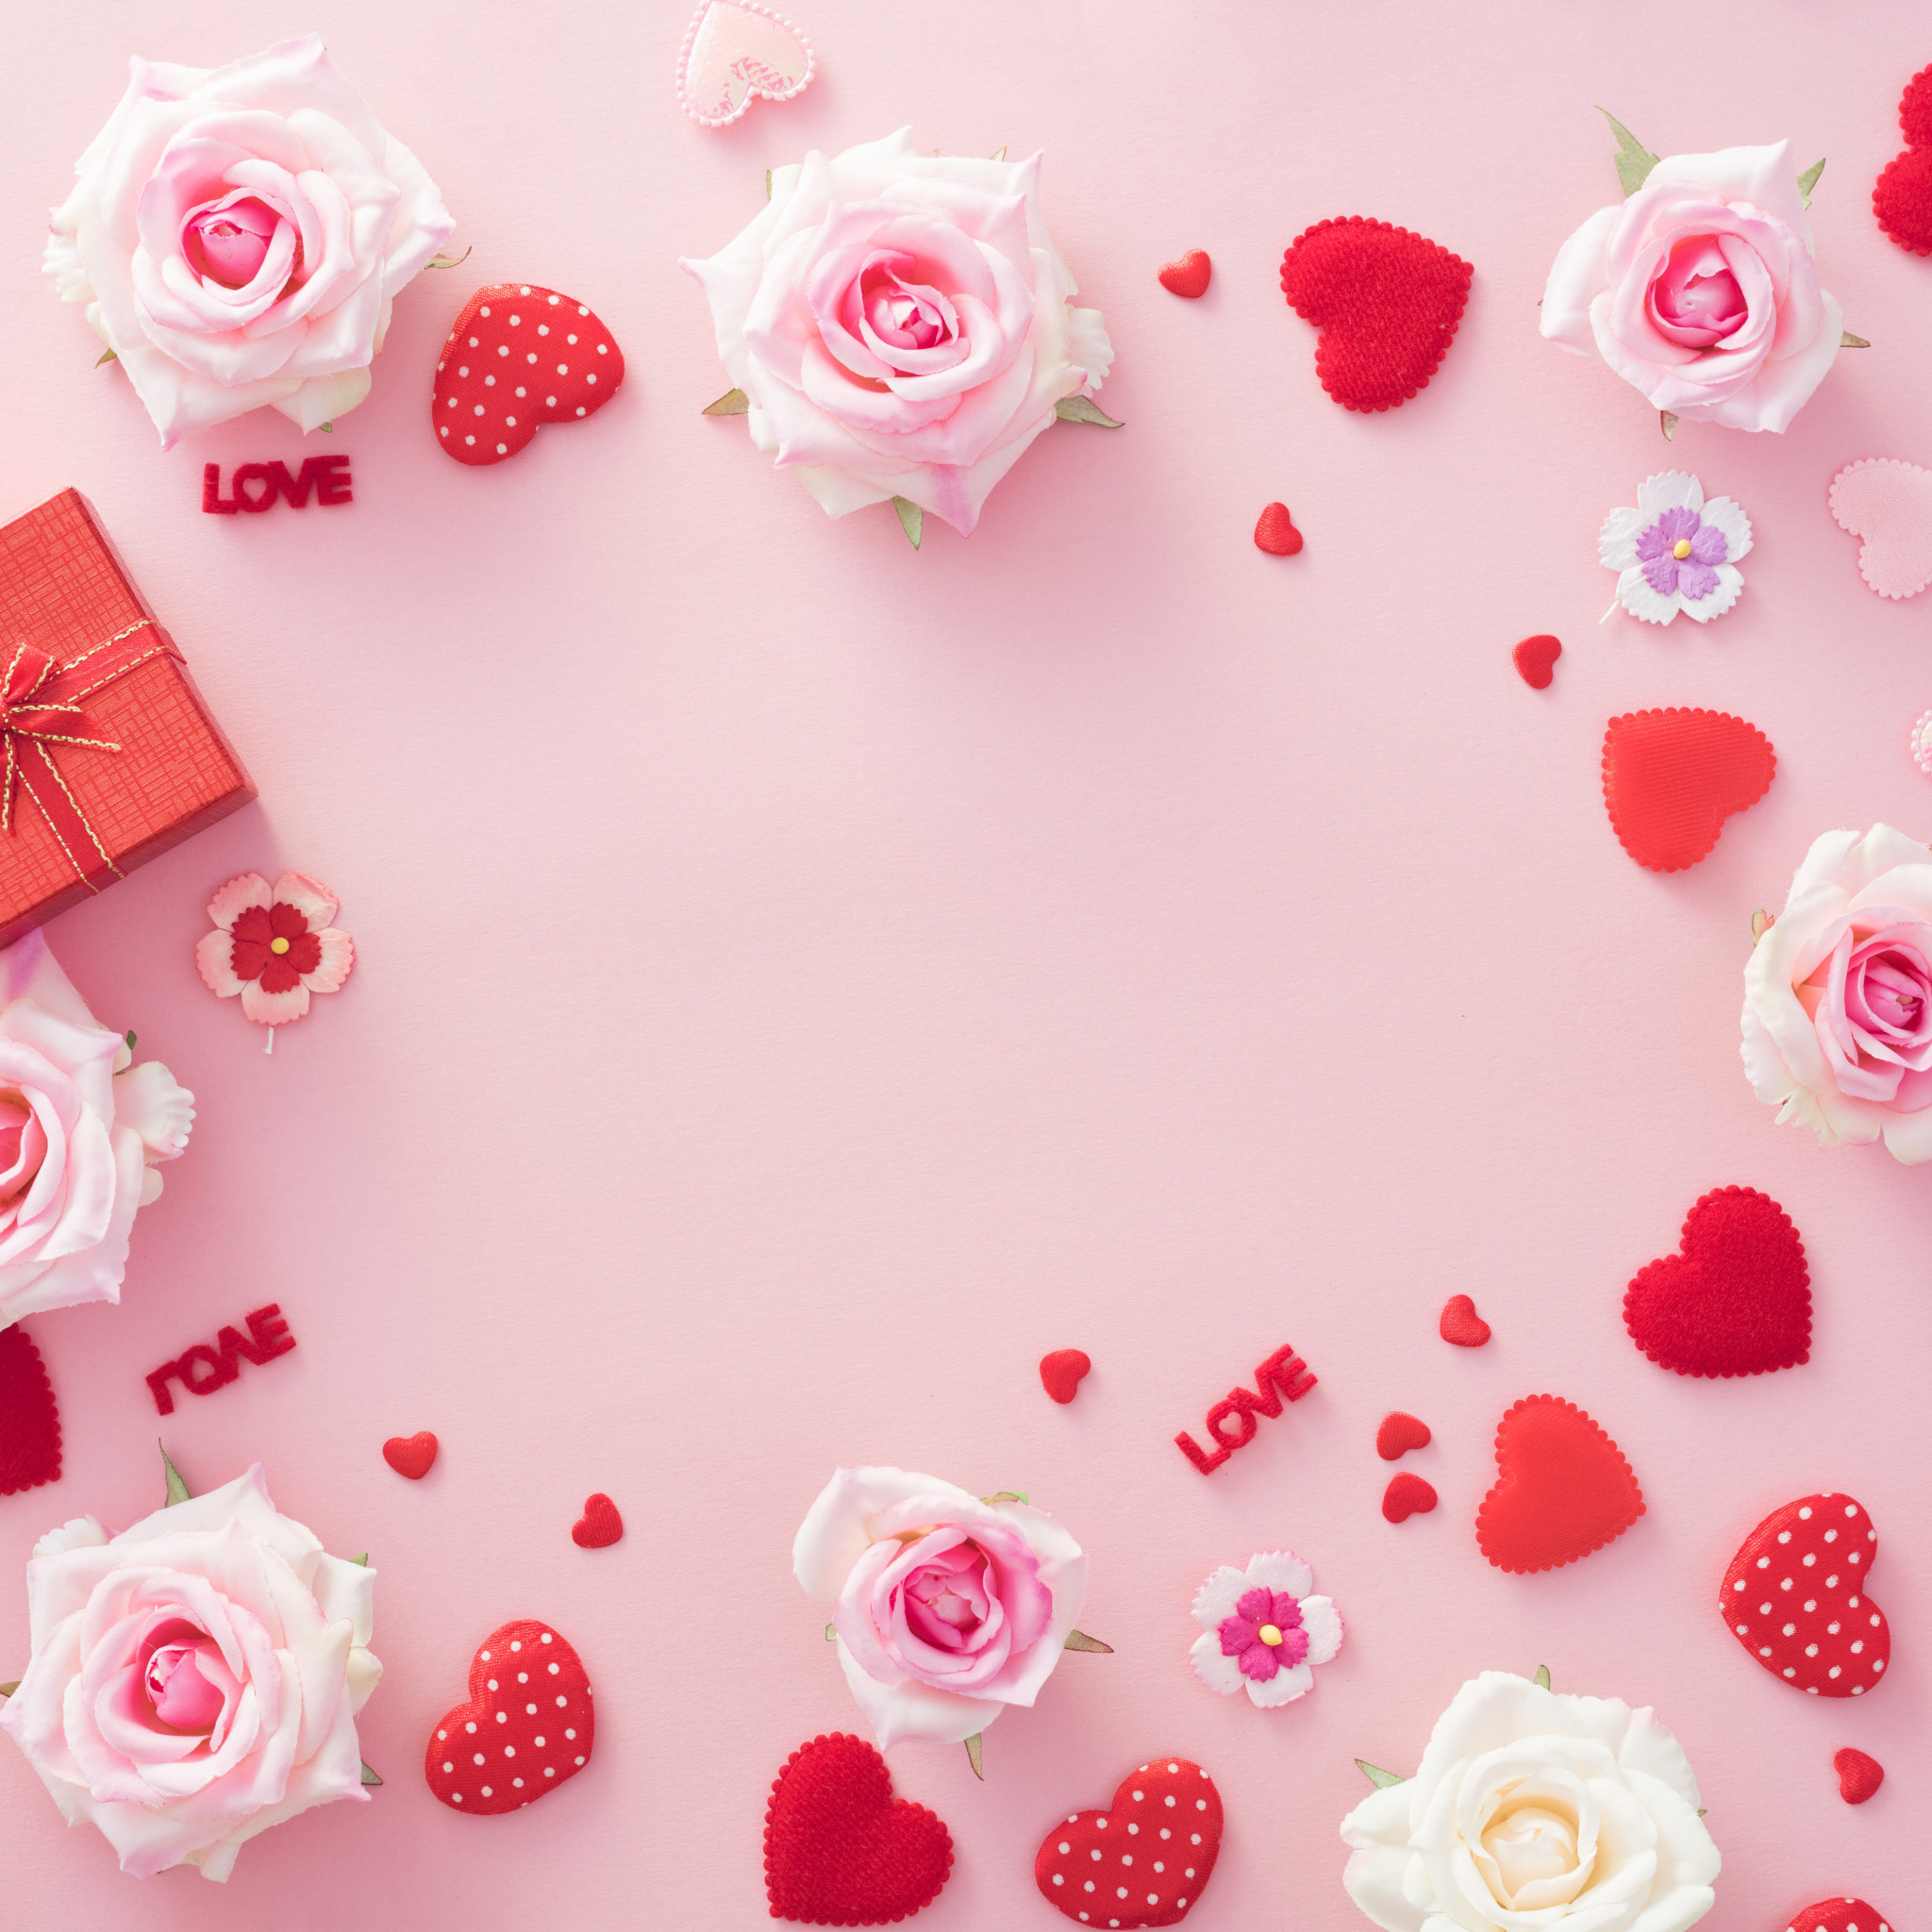 например, розовые розы с сердцем картинки сад, ресторан екатеринбурге